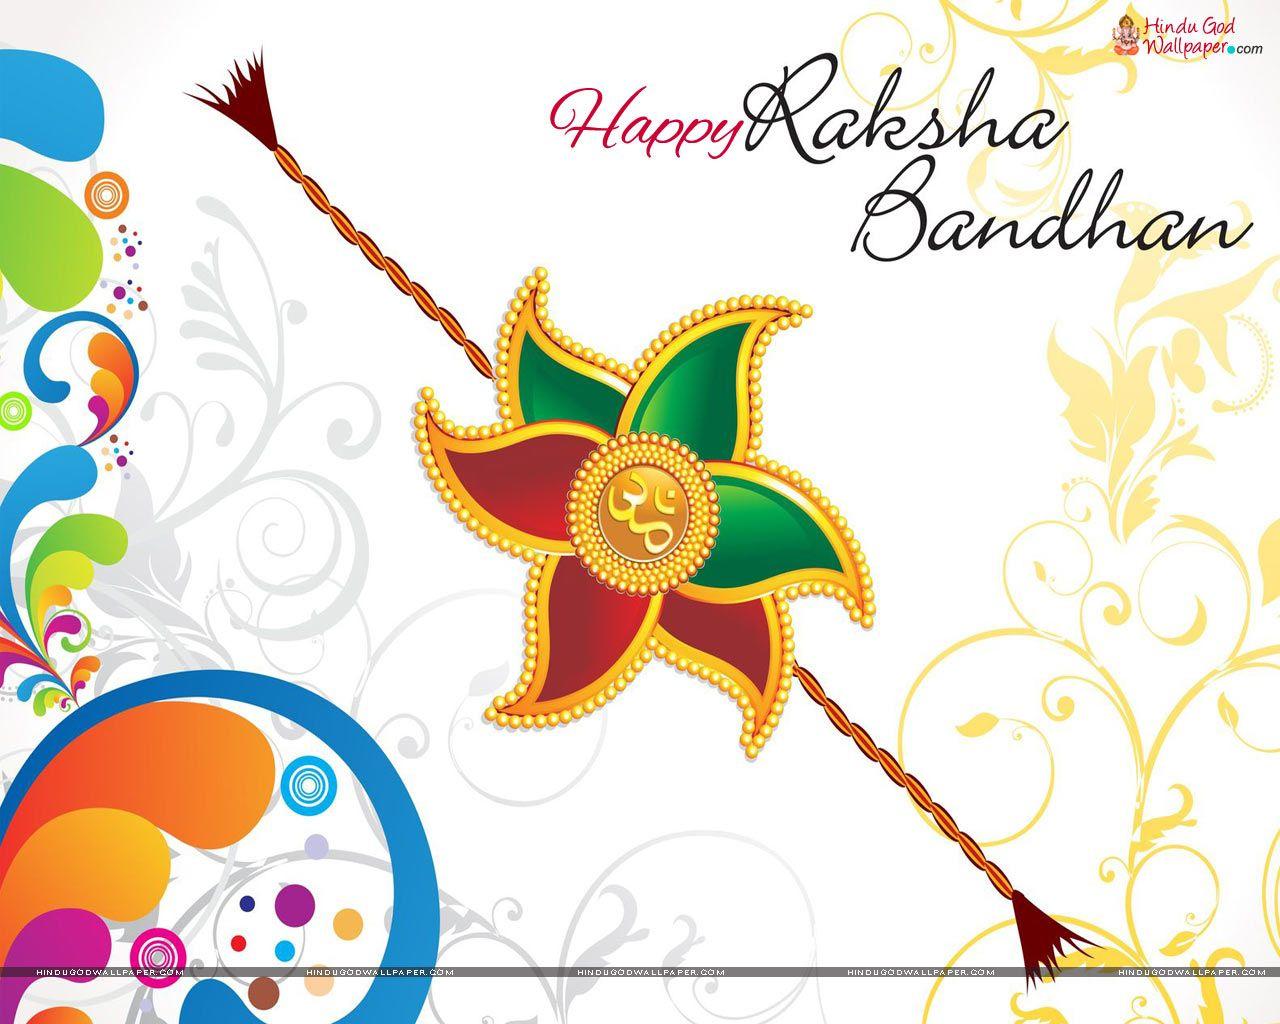 Raksha Bandhan | Happy Raksha Bandhan Wallpapers - Rakhi Wallpapers - Free Online Printable Rakhi Cards